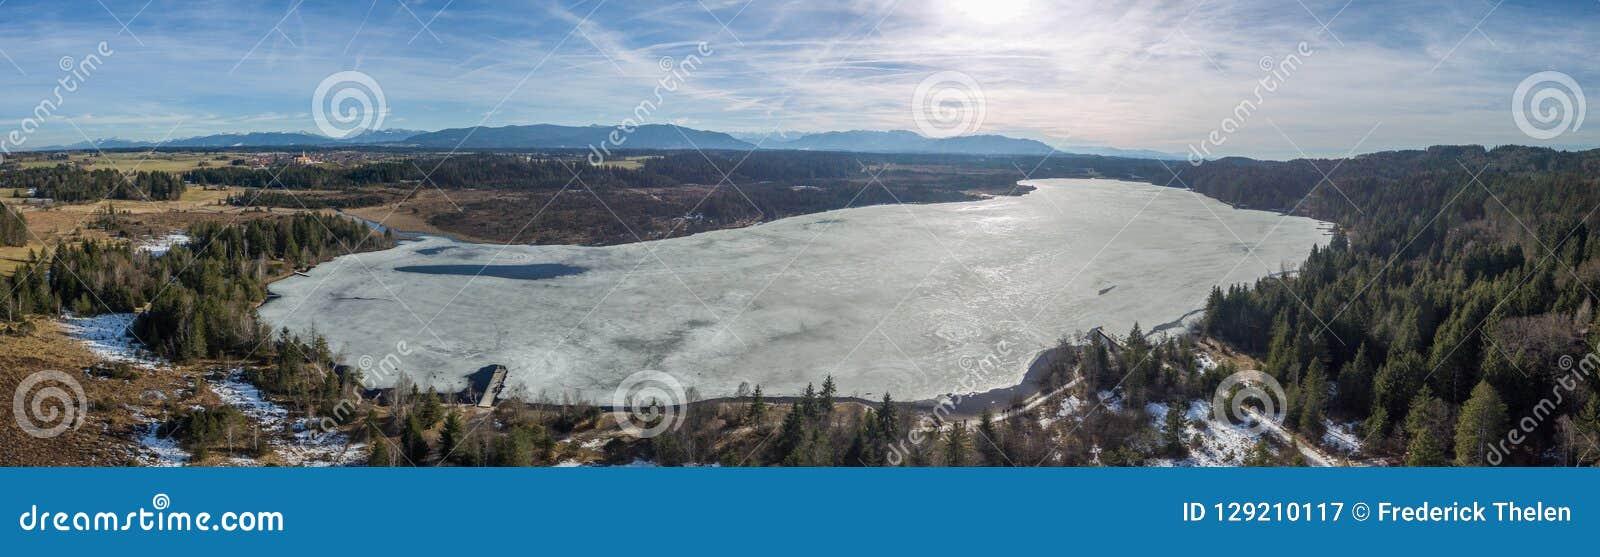 Kirchsee See, Bayern, mit Alpen im Hintergrund, im Frühjahr Winter